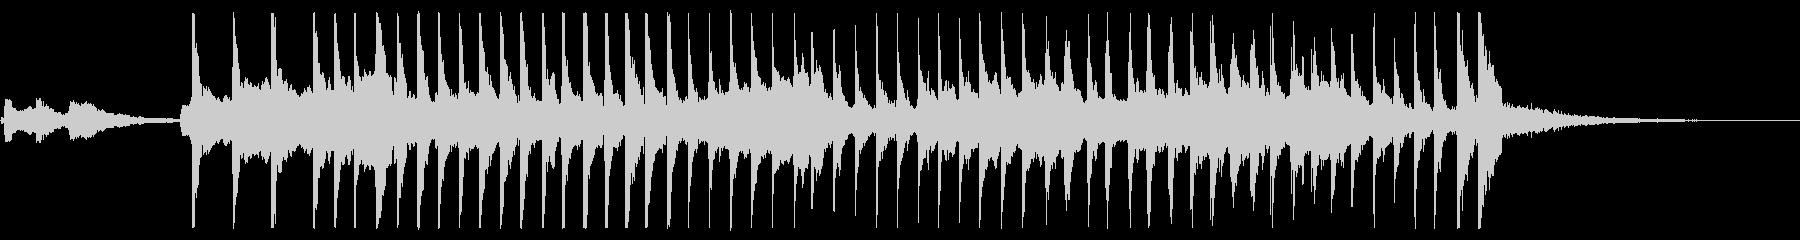 和楽器の共演の未再生の波形